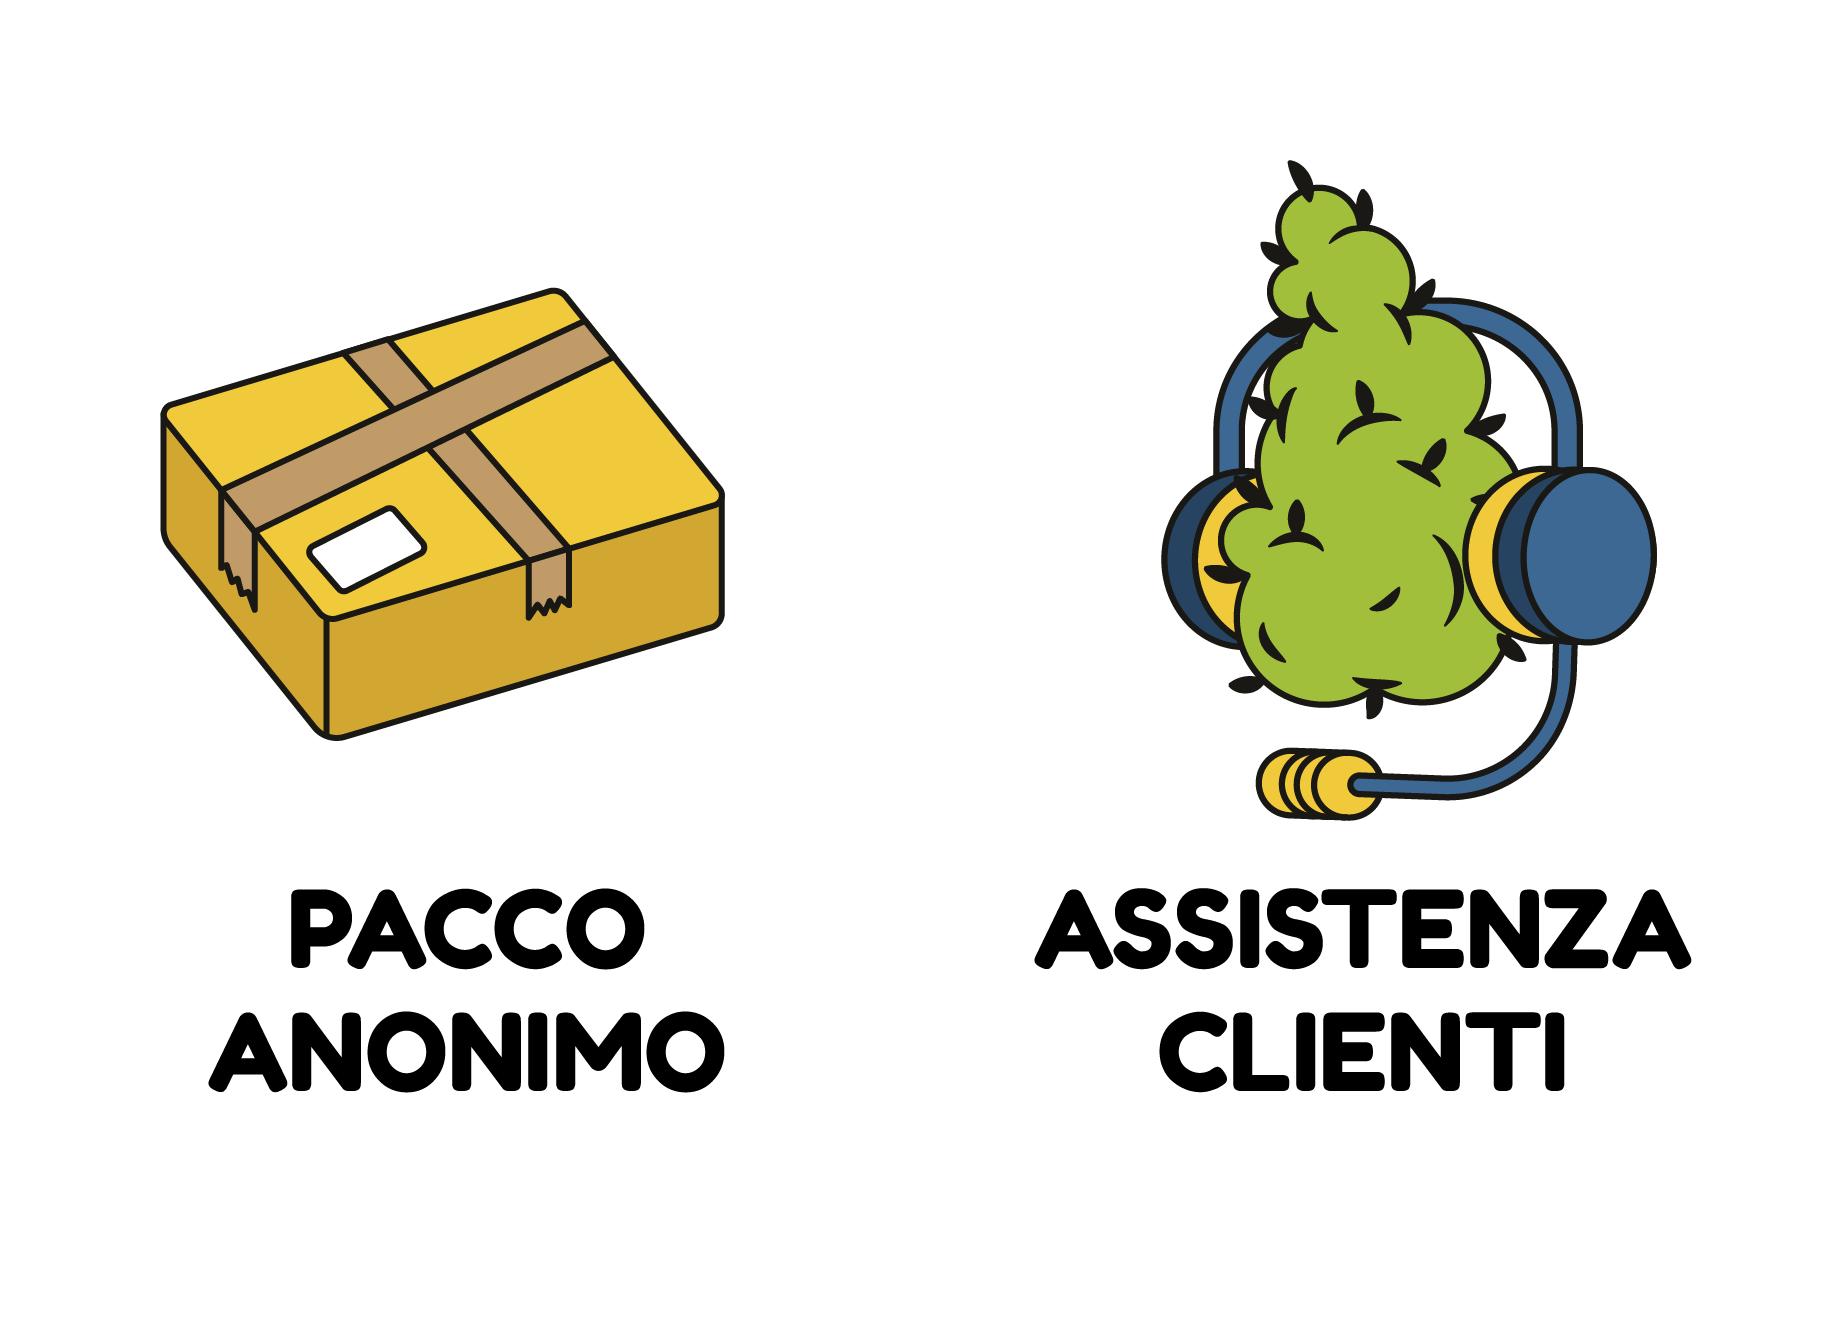 PACCO ANONIMO - ASSISTENZA CLIENTI